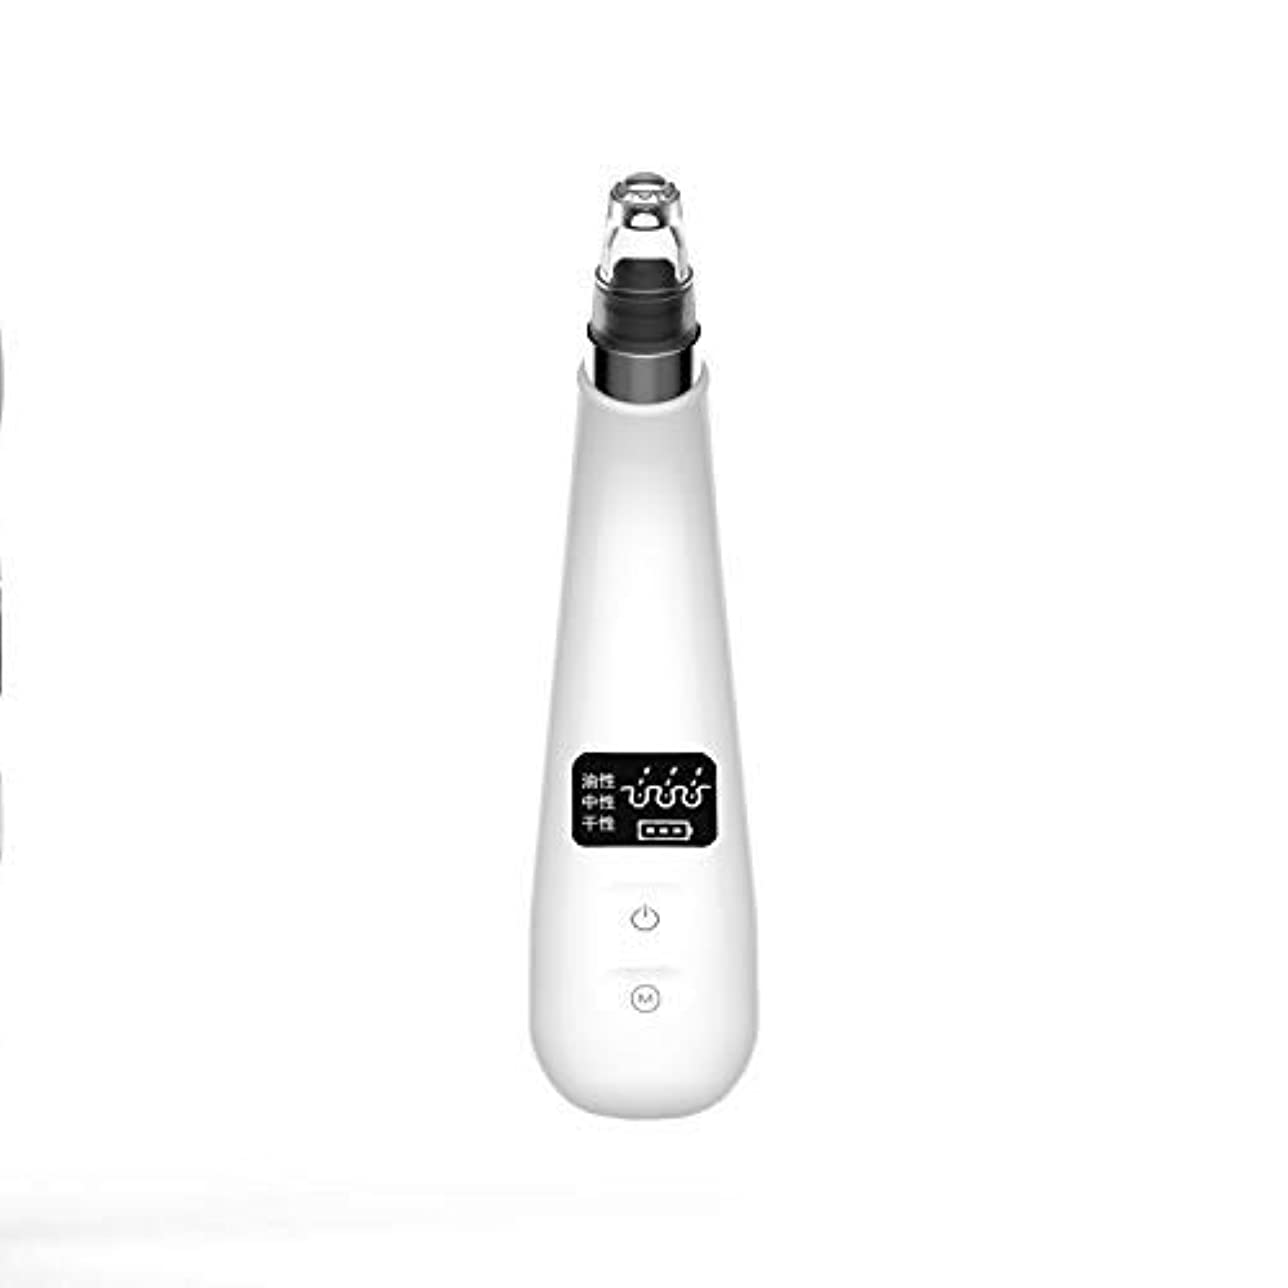 バンガローステージ広告する電気にきび楽器usb充電式ポータブル顔の毛穴クリーニング美容機器にきびコメドーン真空吸引リムーバー